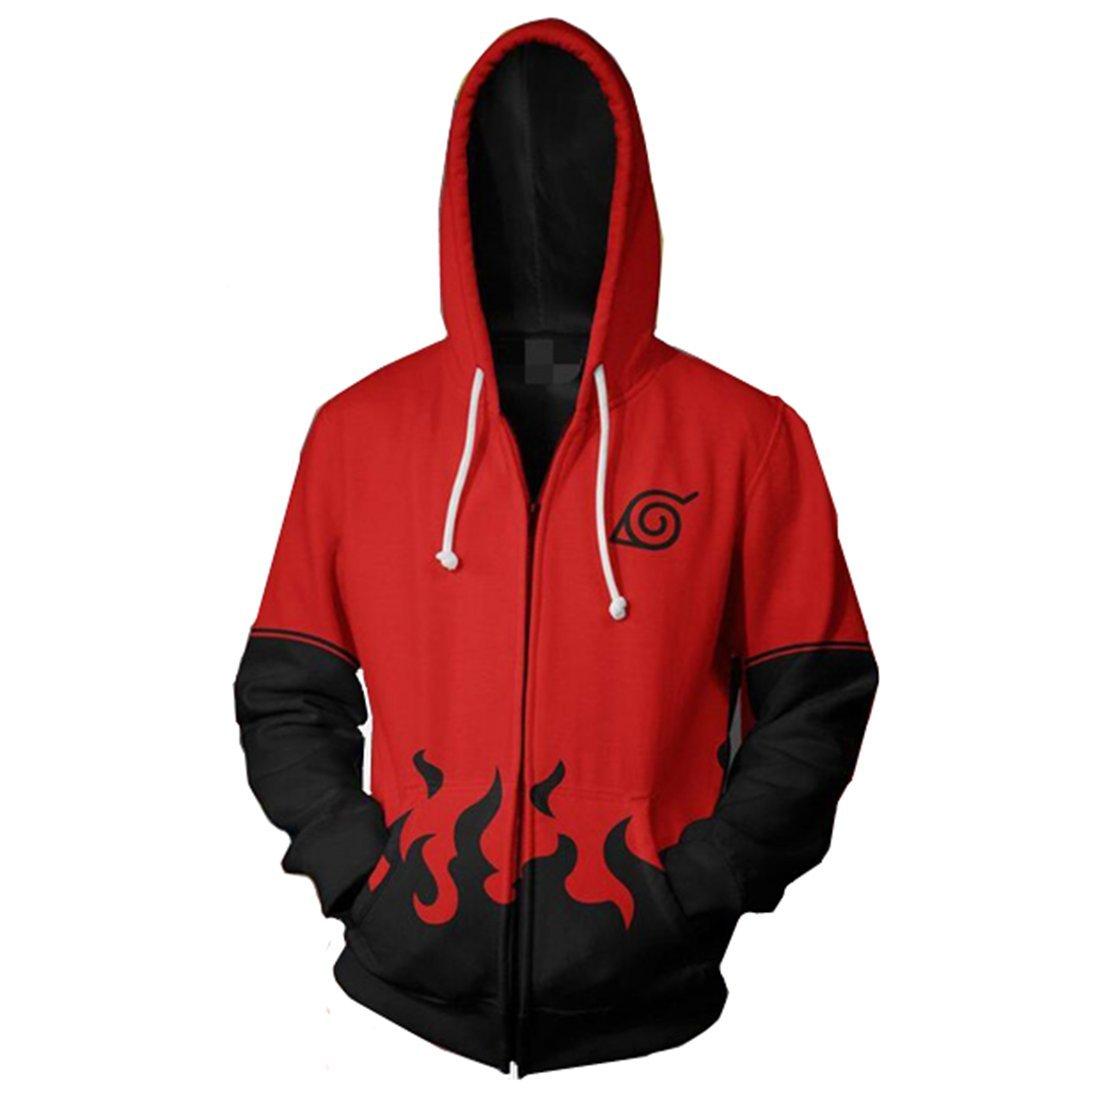 CHENMA Men Naruto Naruto Kakashi Long Sleeve Full-Zip Bomber Jacket Hooded Varsity Jacket (M/US S, Hokage) by CHENMA